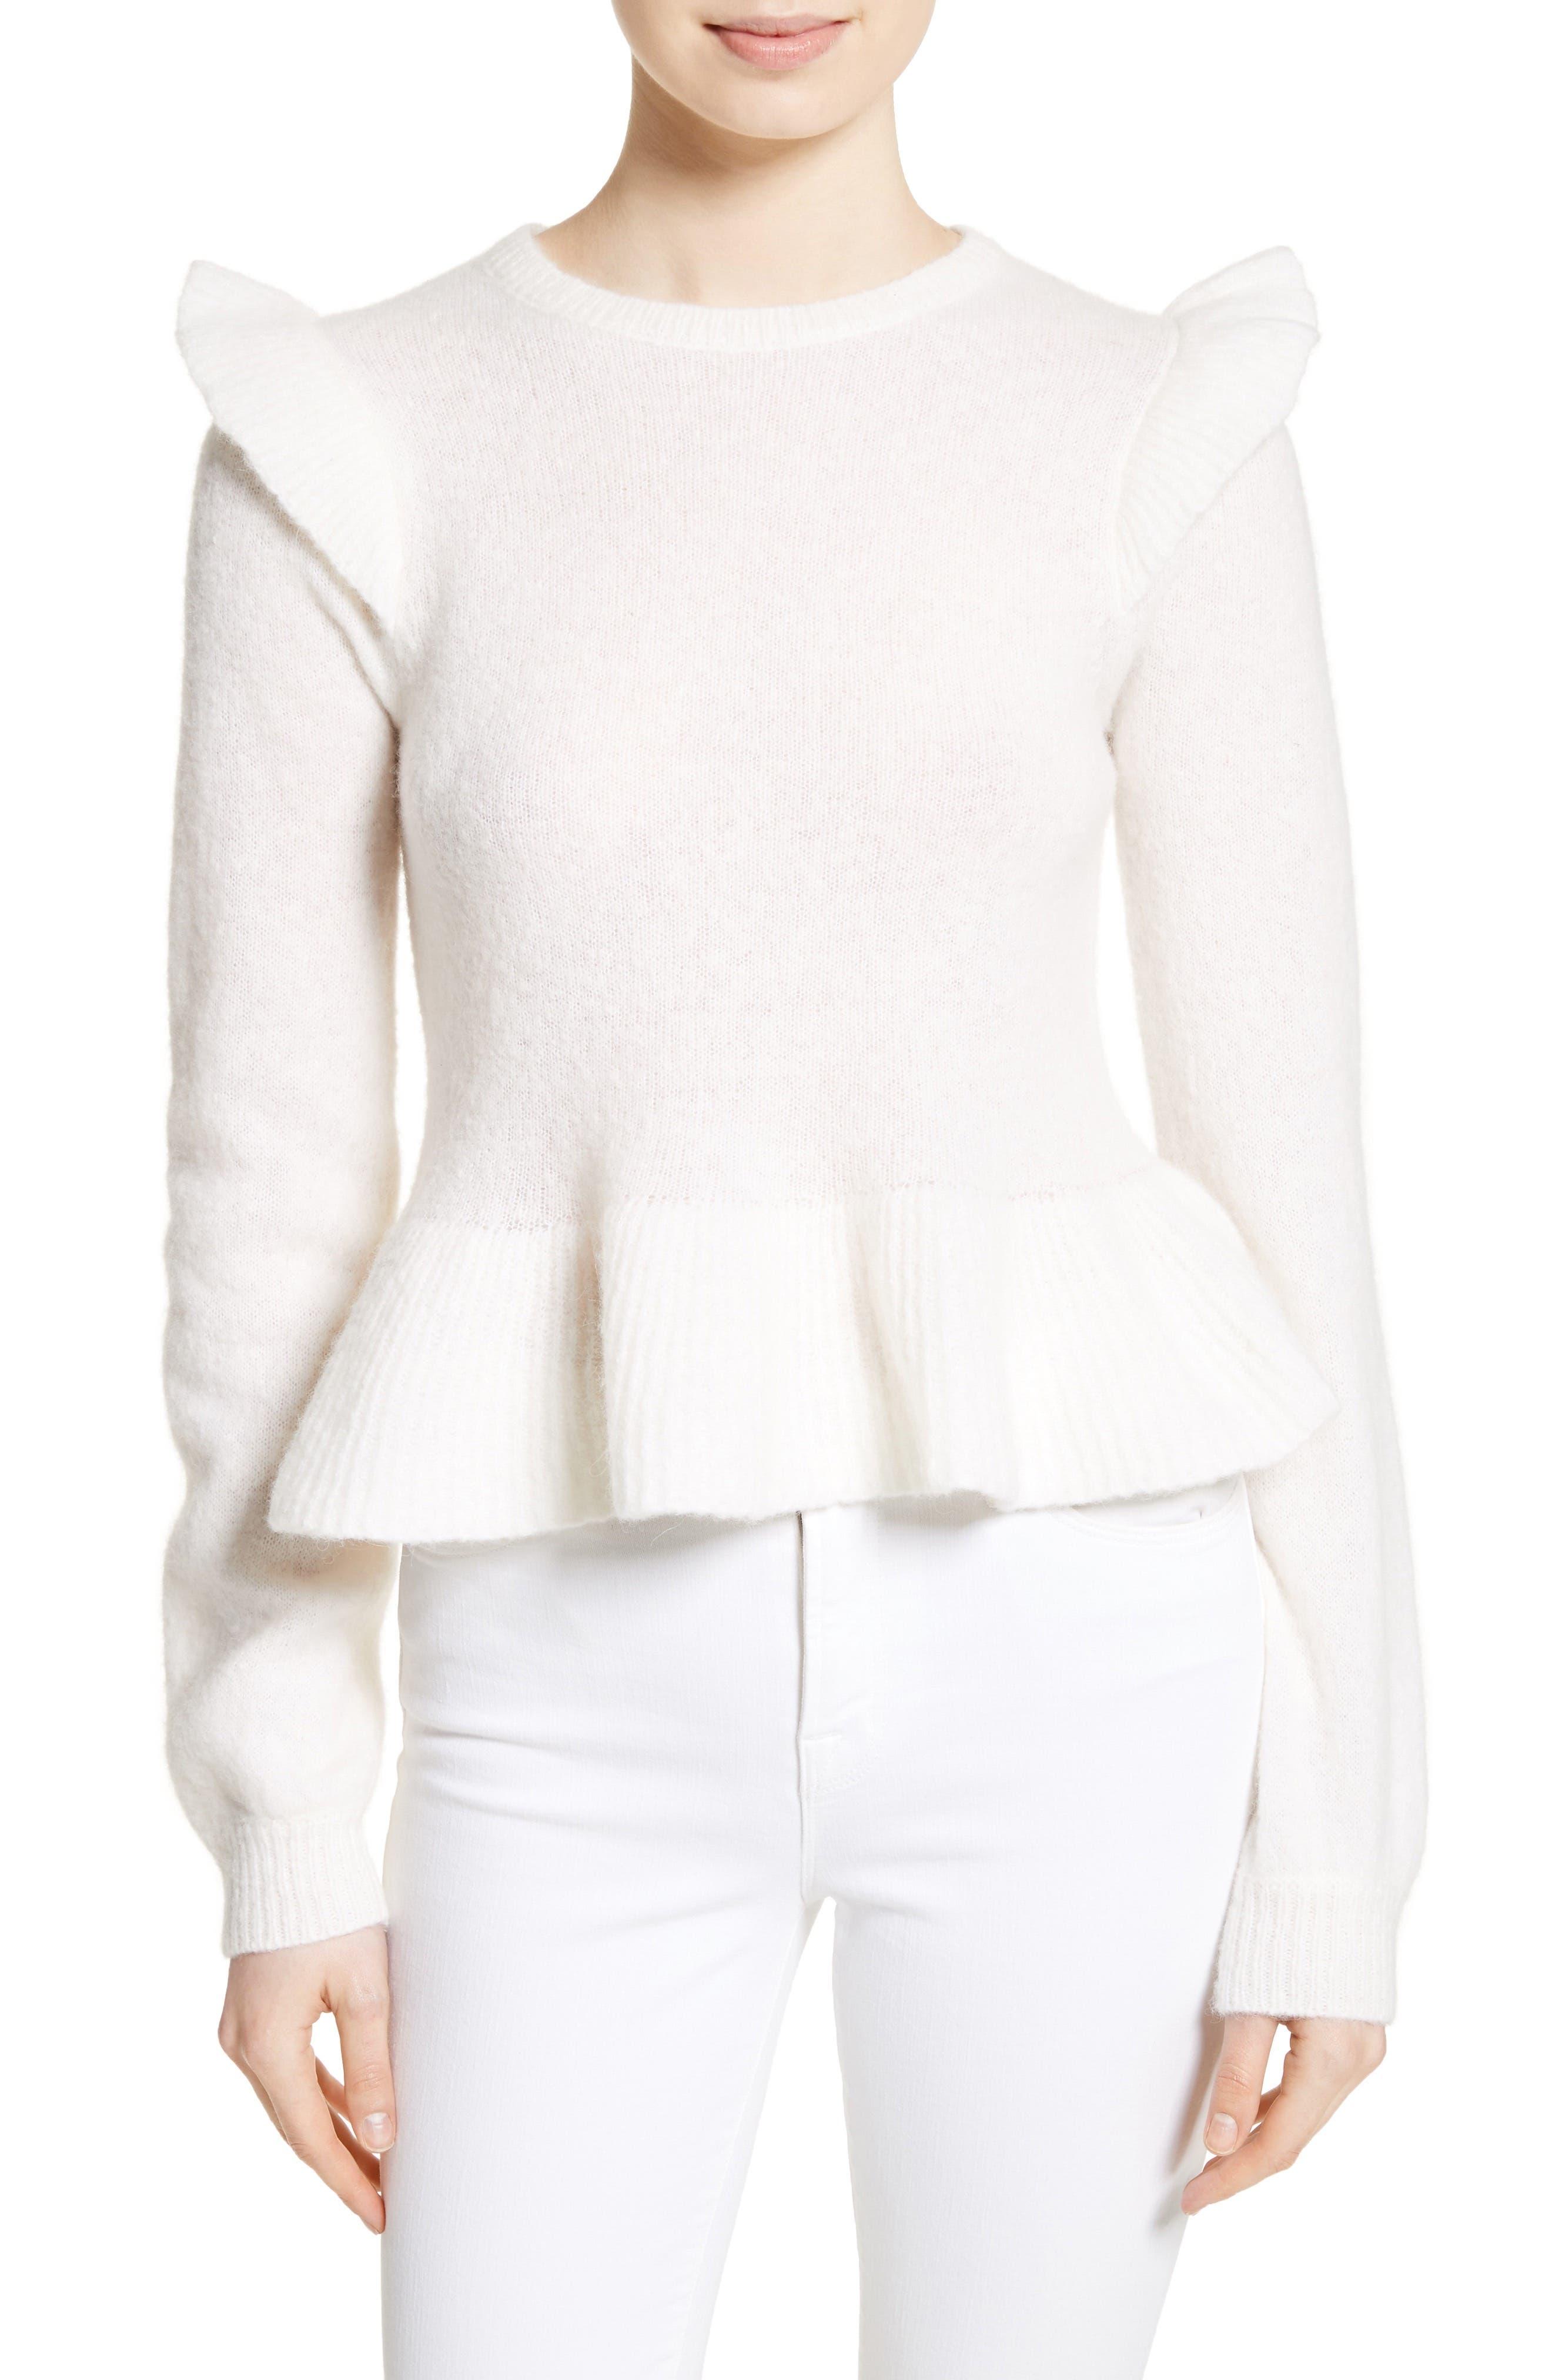 La Vie Rebecca Taylor Ruffle Sweater